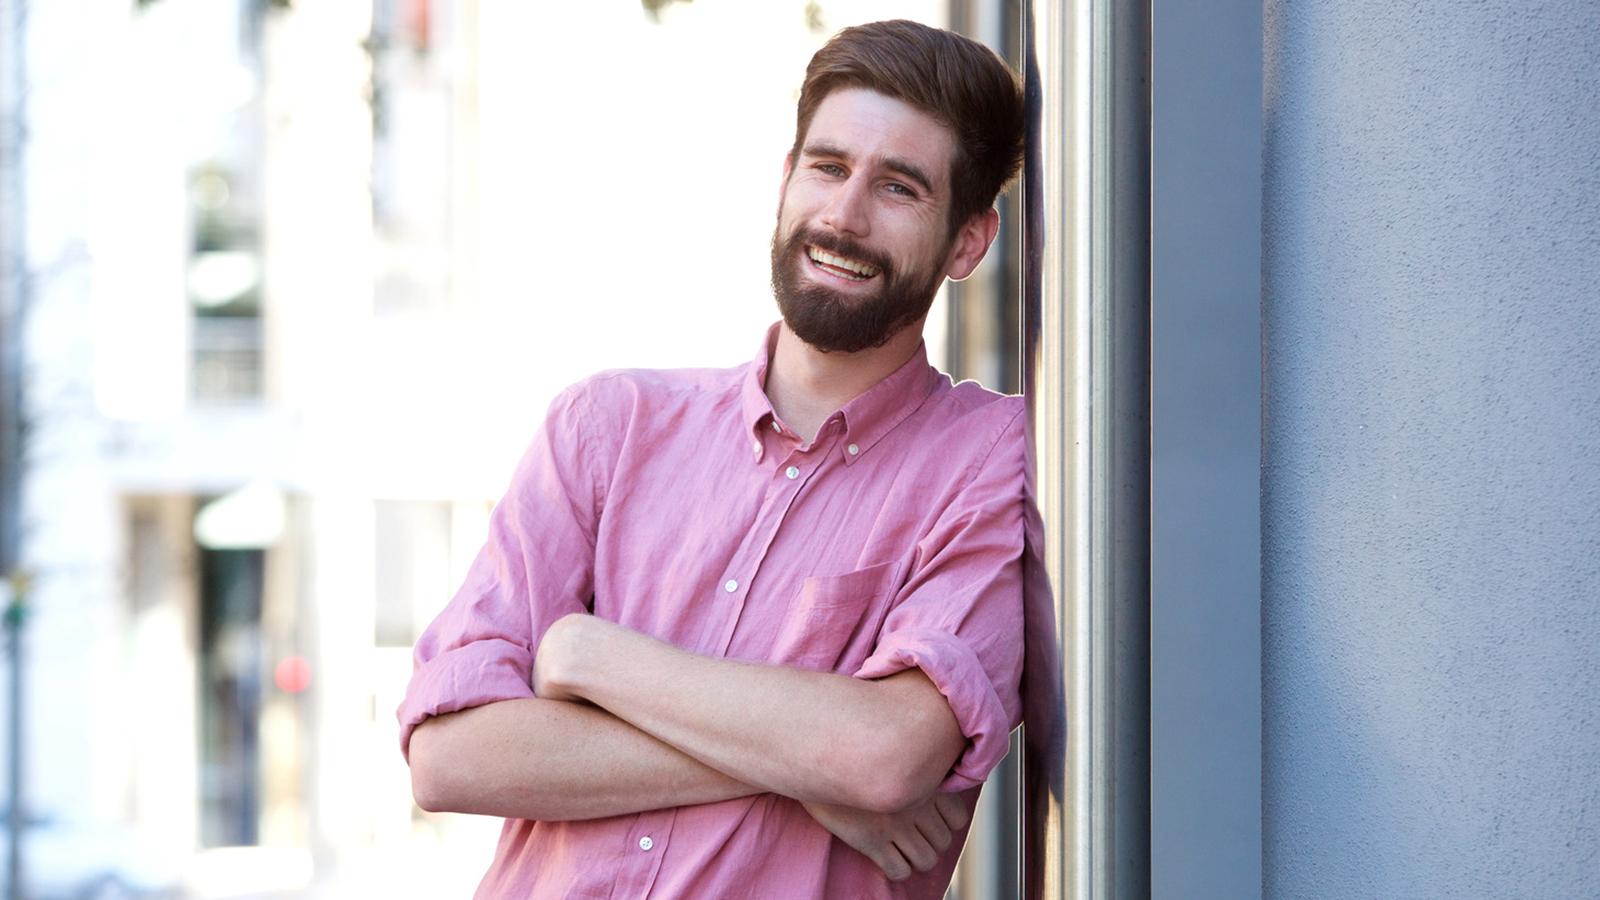 Férfiportré - Egy bevált recept, és néhány hasznos tanács - NEXTFOTO